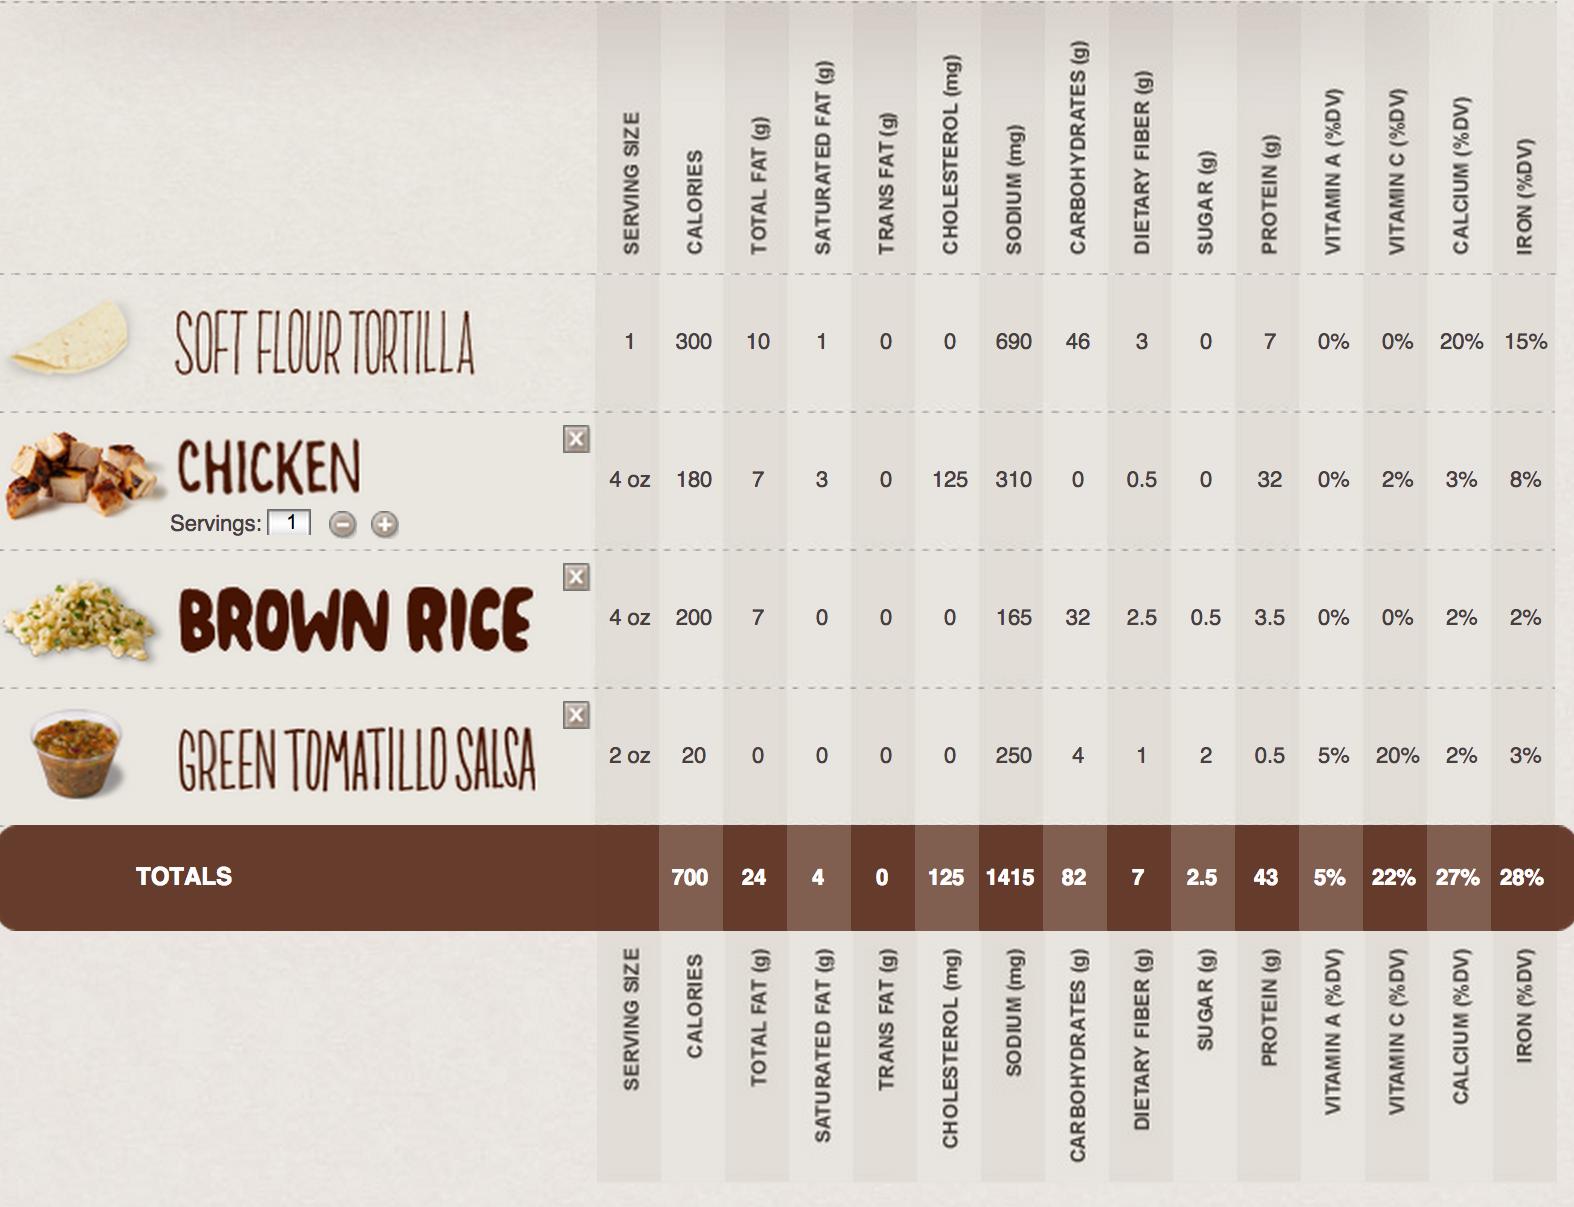 Chipotle Burrito Nutrition, Chipotle nutrition